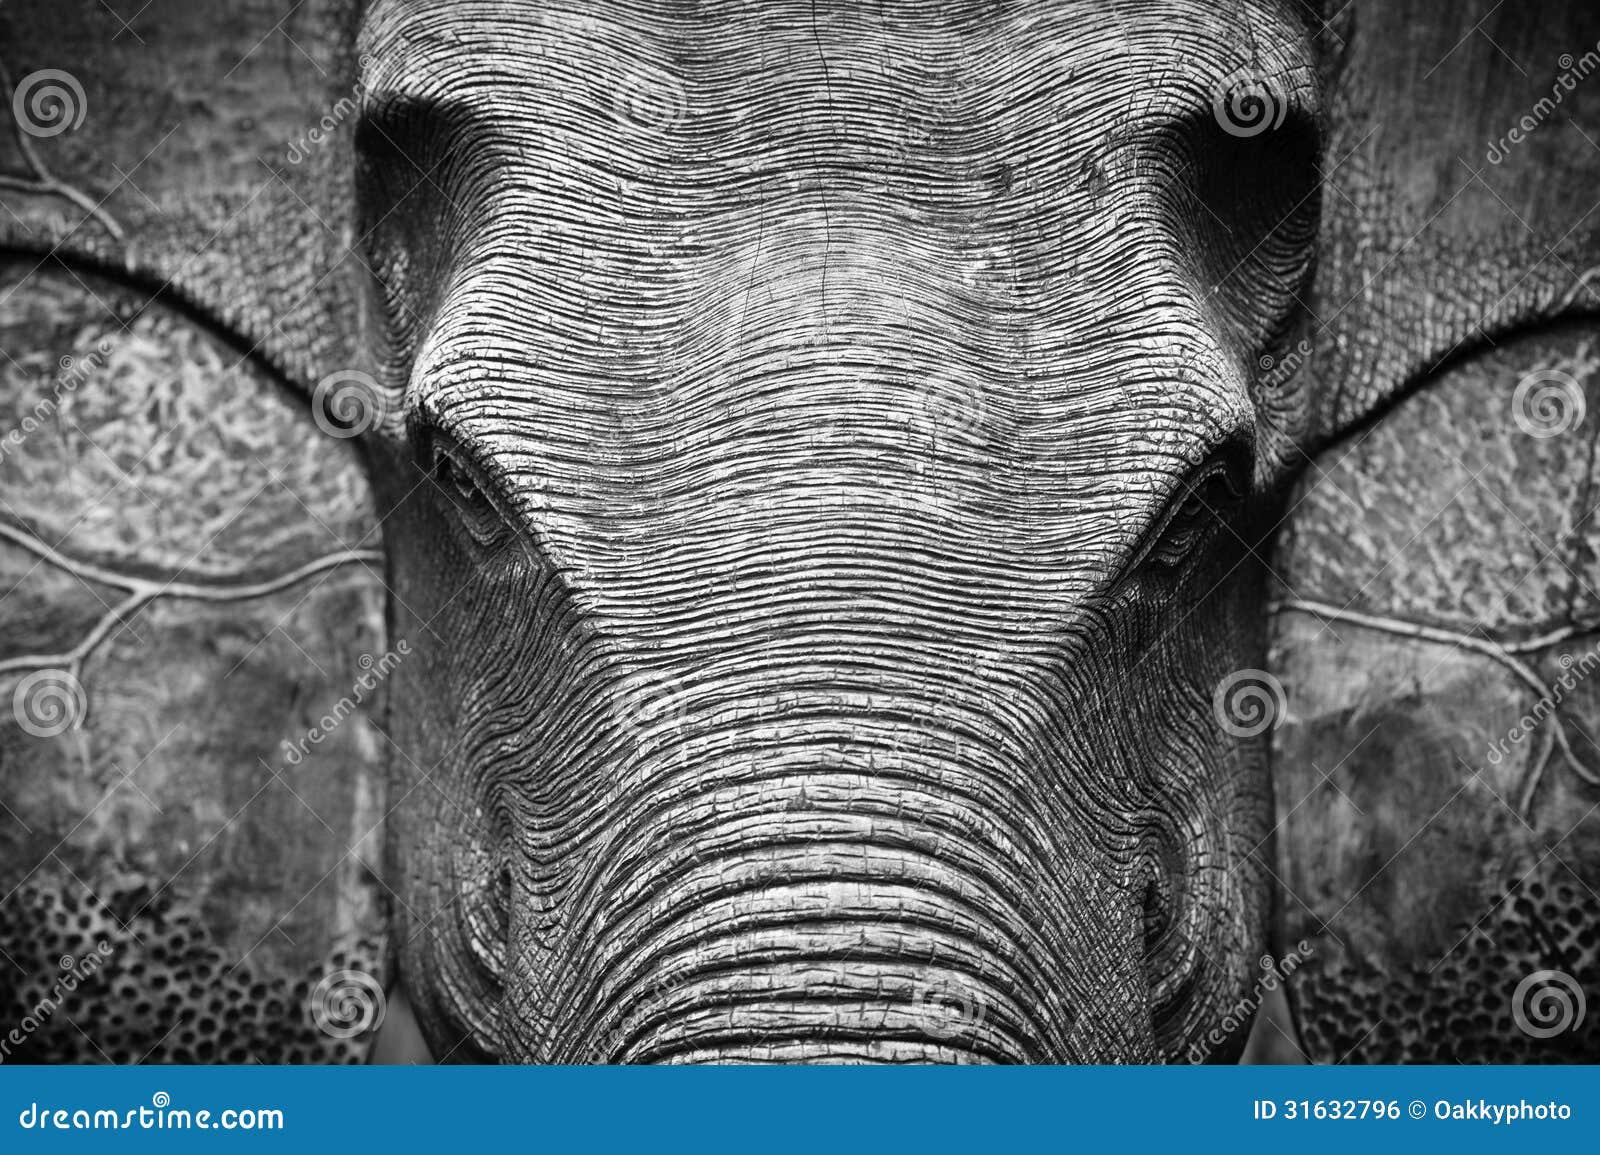 Très Tête D'éléphant En Noir Et Blanc Photo stock - Image: 31632796 LU99